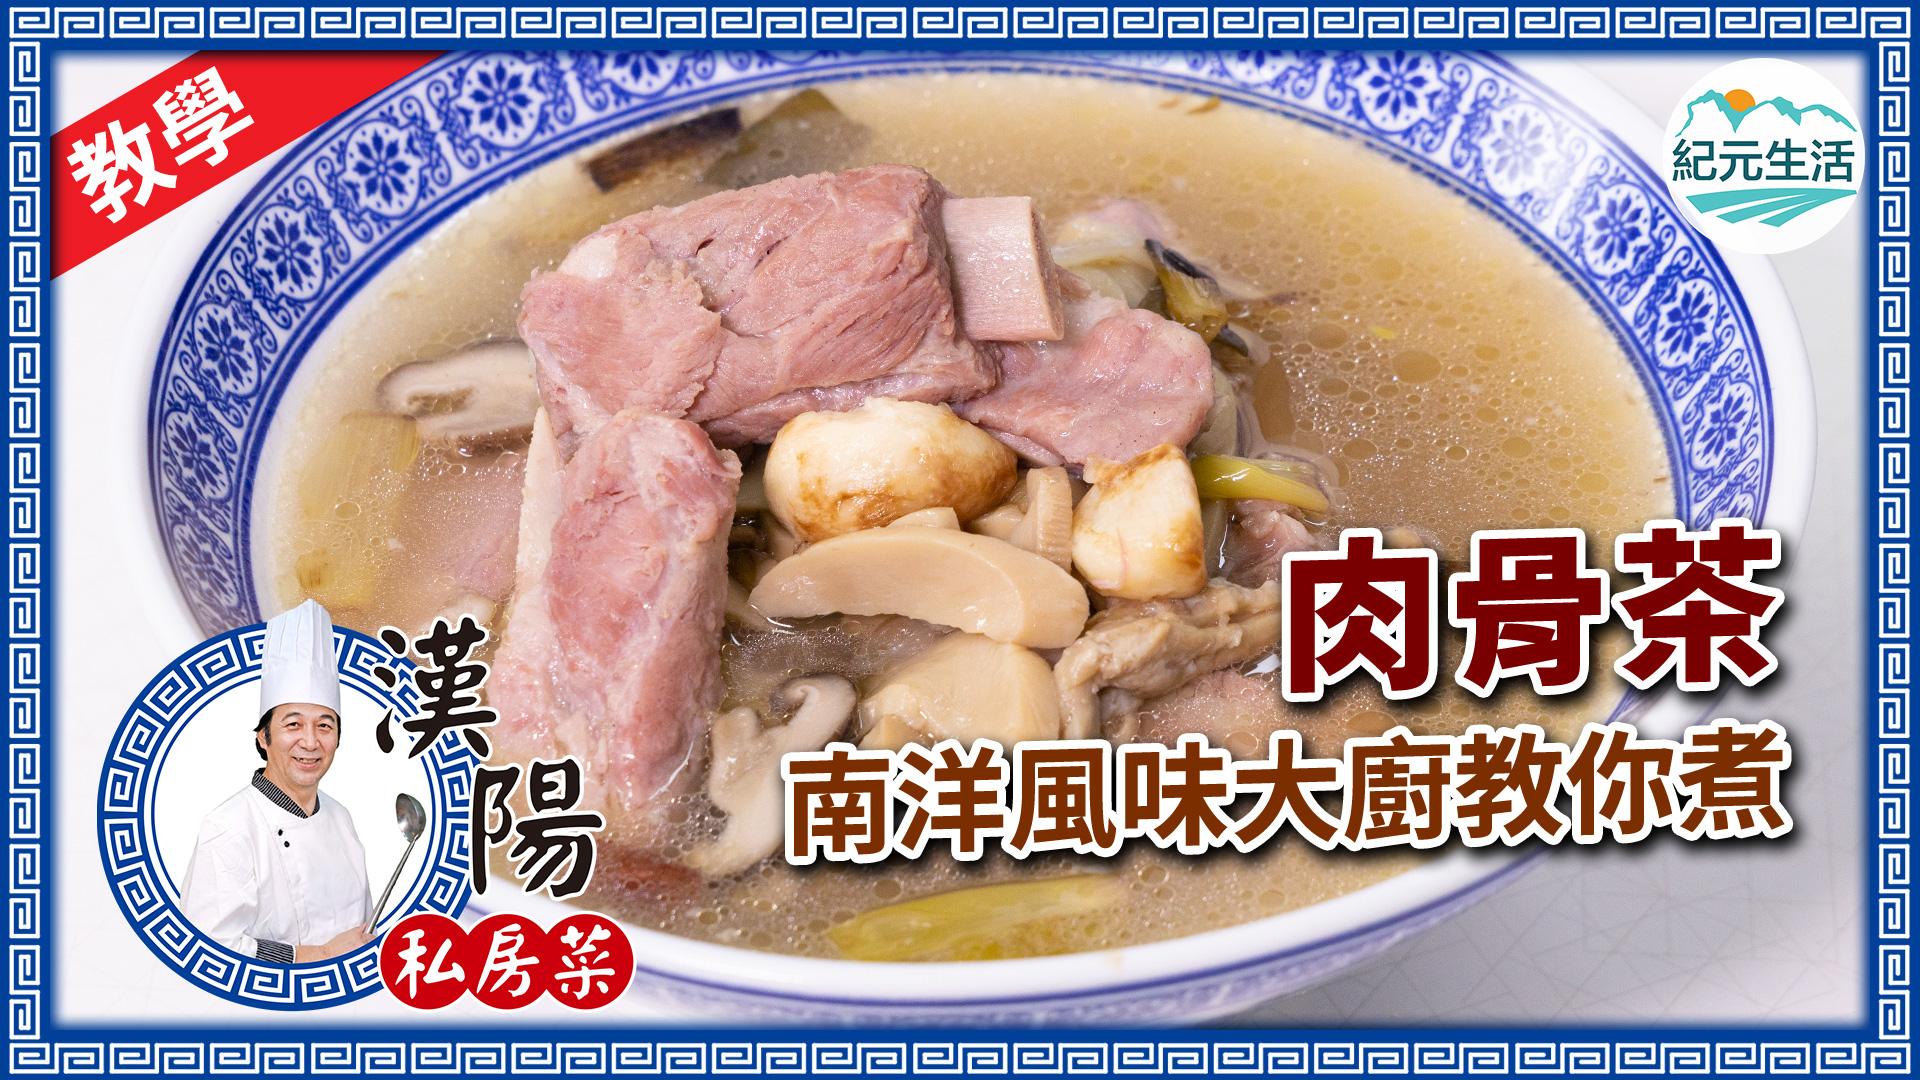 今期大廚介紹養血補氣佳品肉骨茶。(設計圖片)